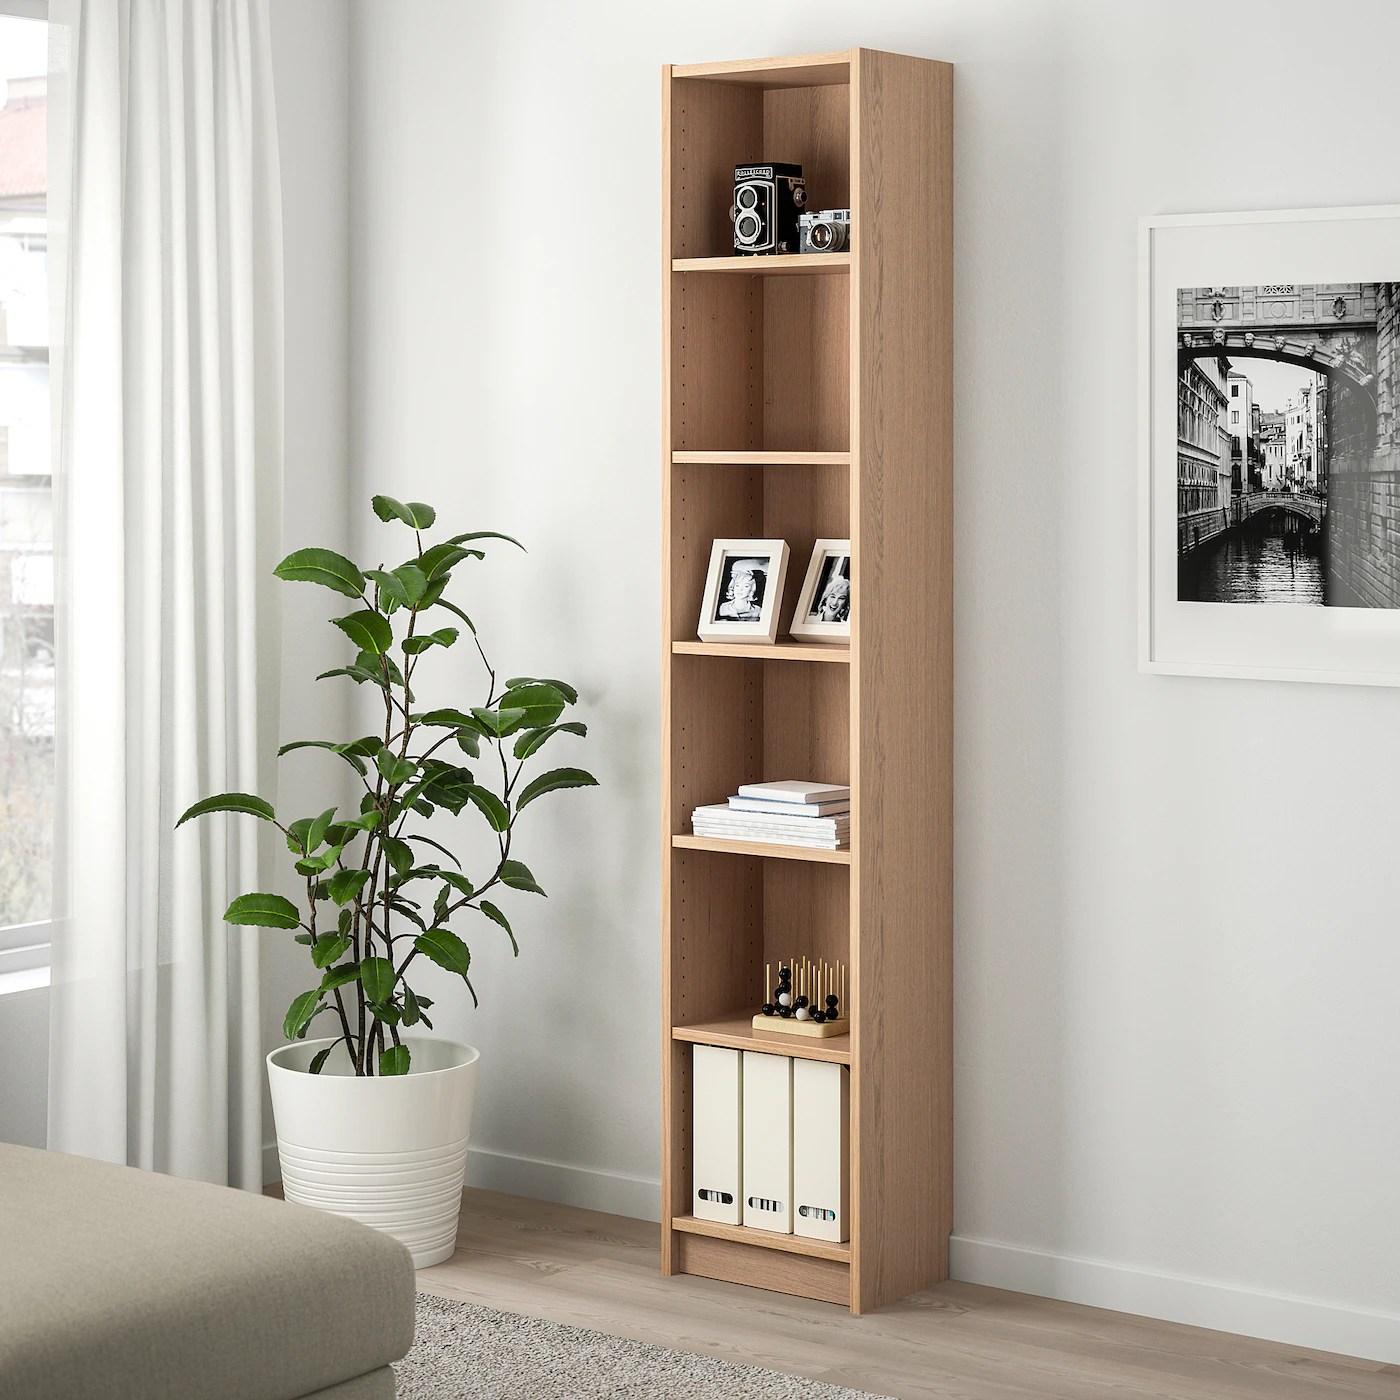 BILLY Bookcase, white stained oak veneer, 40x28x202 cm   IKEA